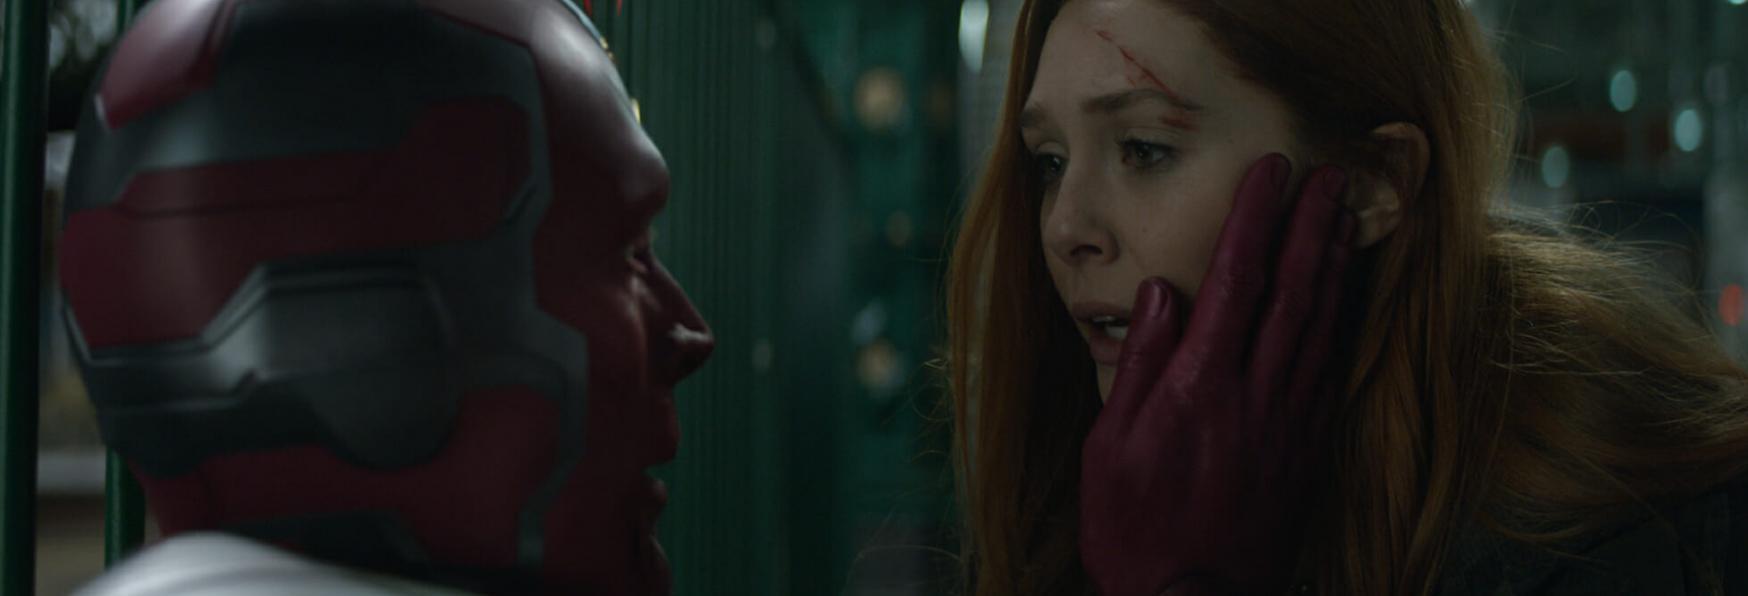 WandaVision: il Trailer della nuova Serie TV verrà svelato nella notte del Super Bowl?